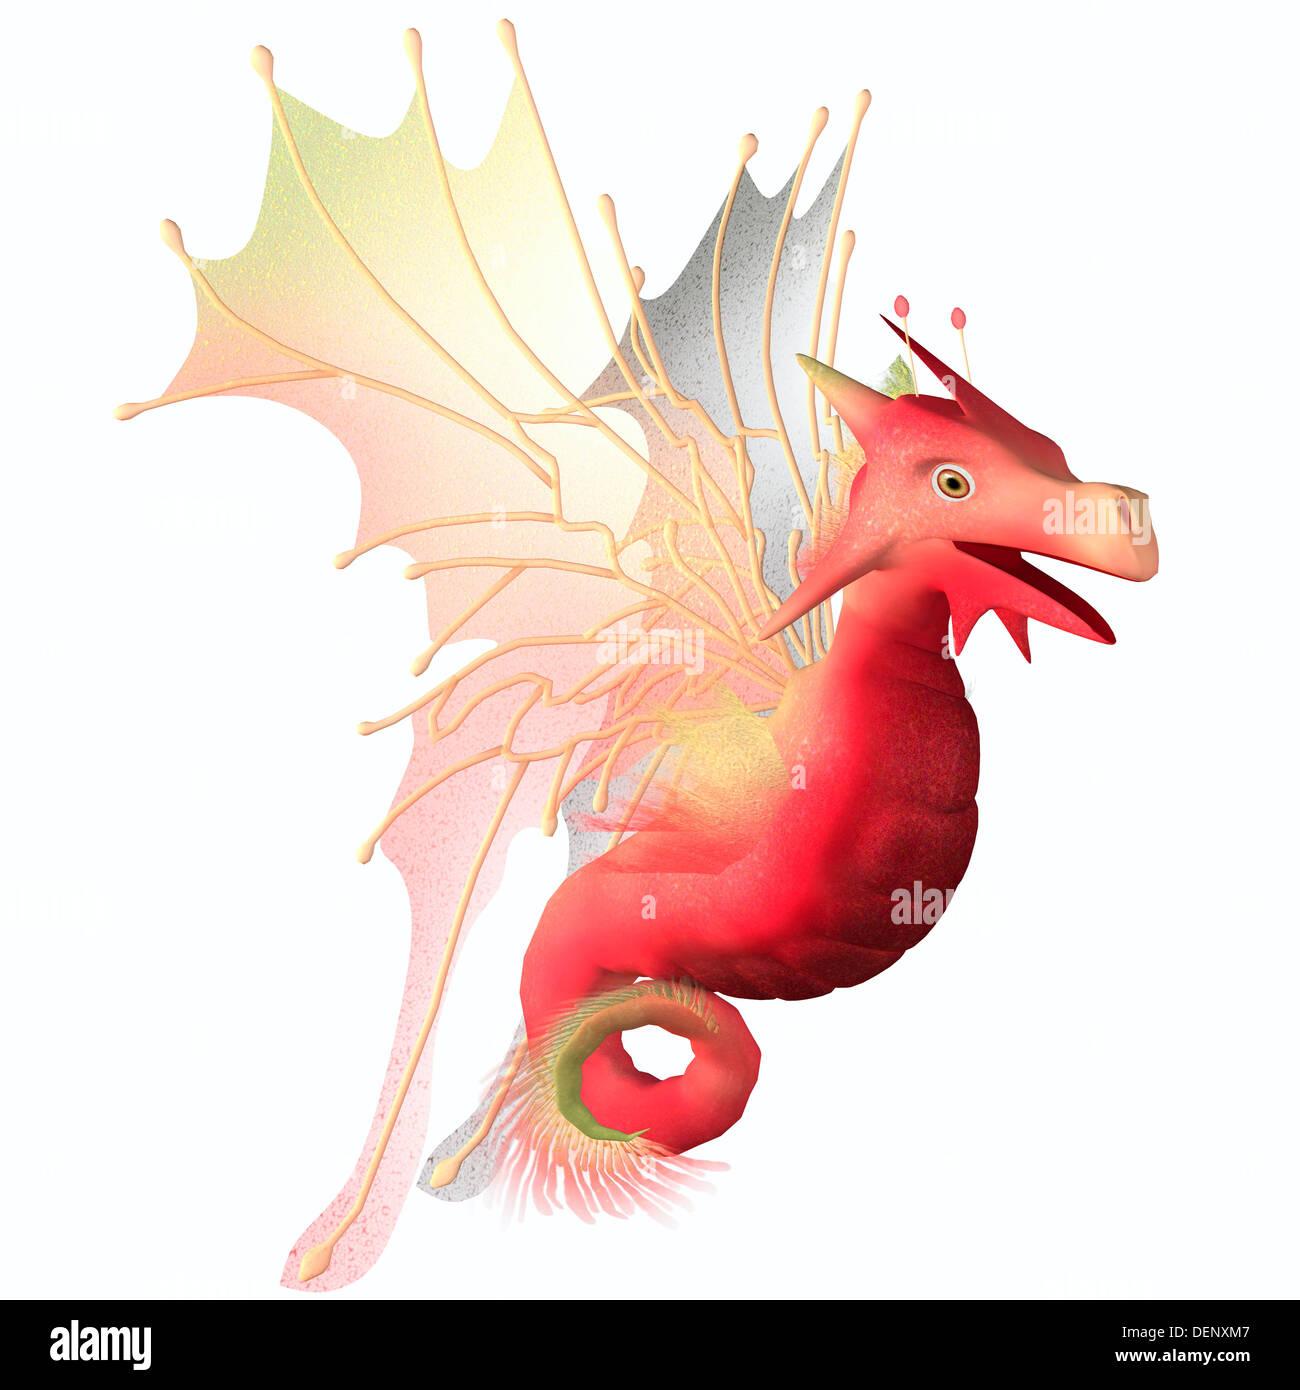 Ein Geschöpf von Mythos und Phantasie der Drache ist ein freundliches Tier mit Hörnern und Flügel. Stockbild